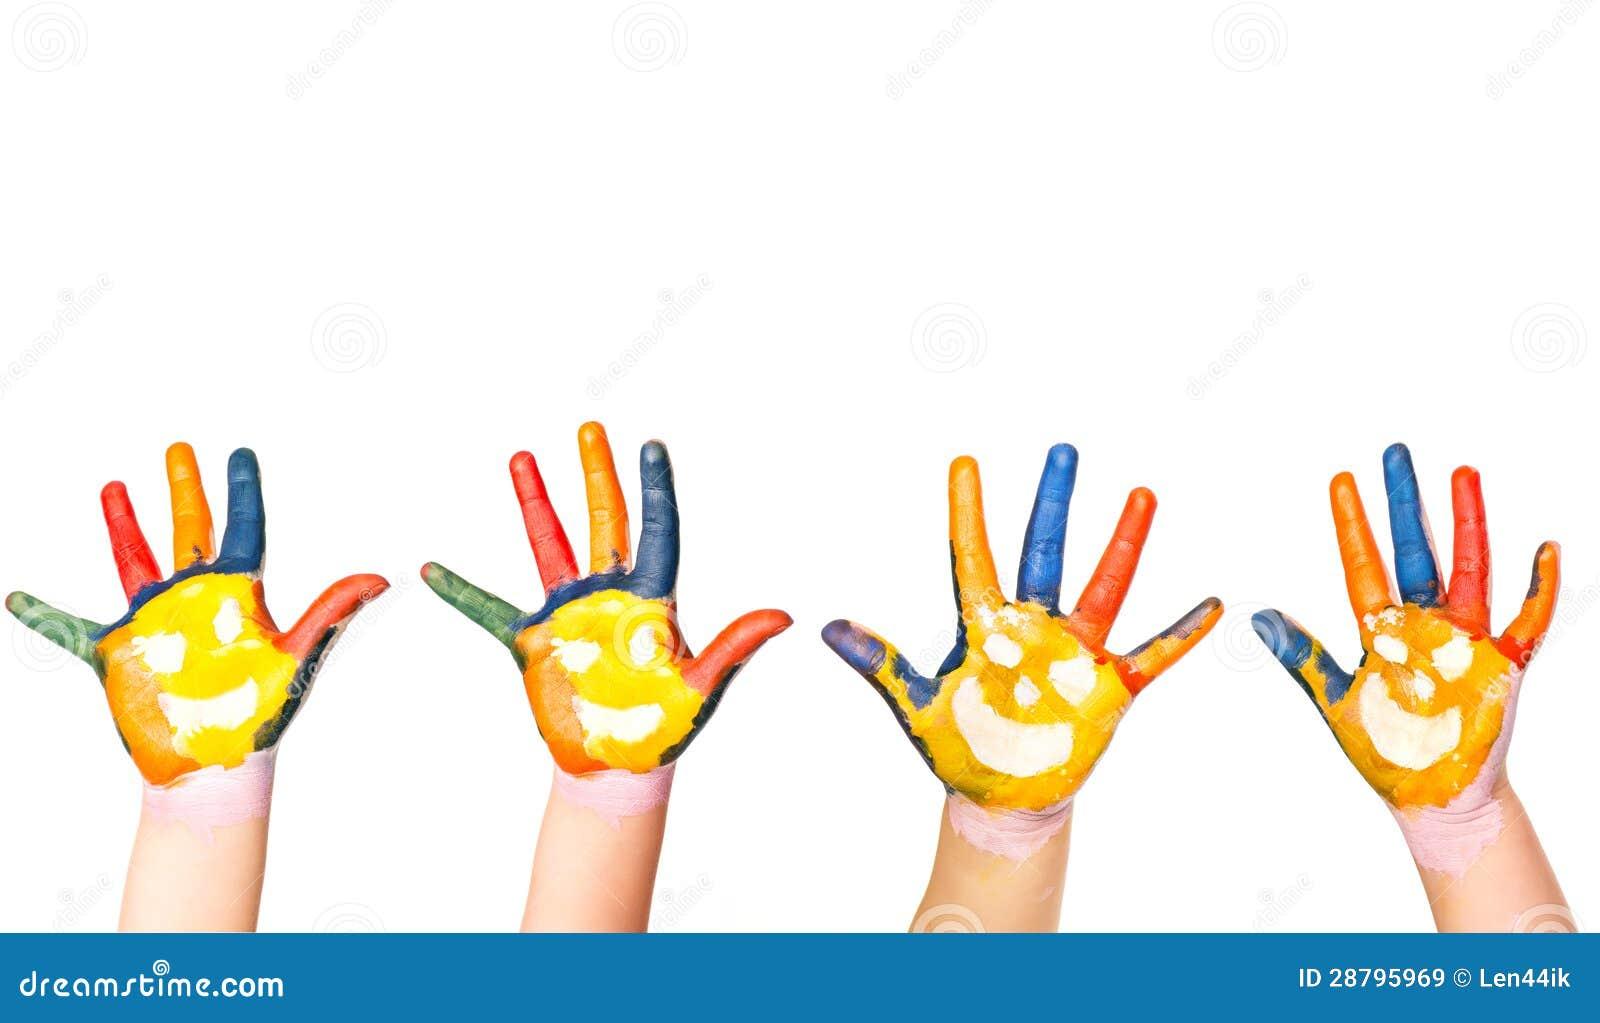 Mains d 39 enfants en peinture color e avec des sourires image stock image 28795969 - Peinture main enfant ...